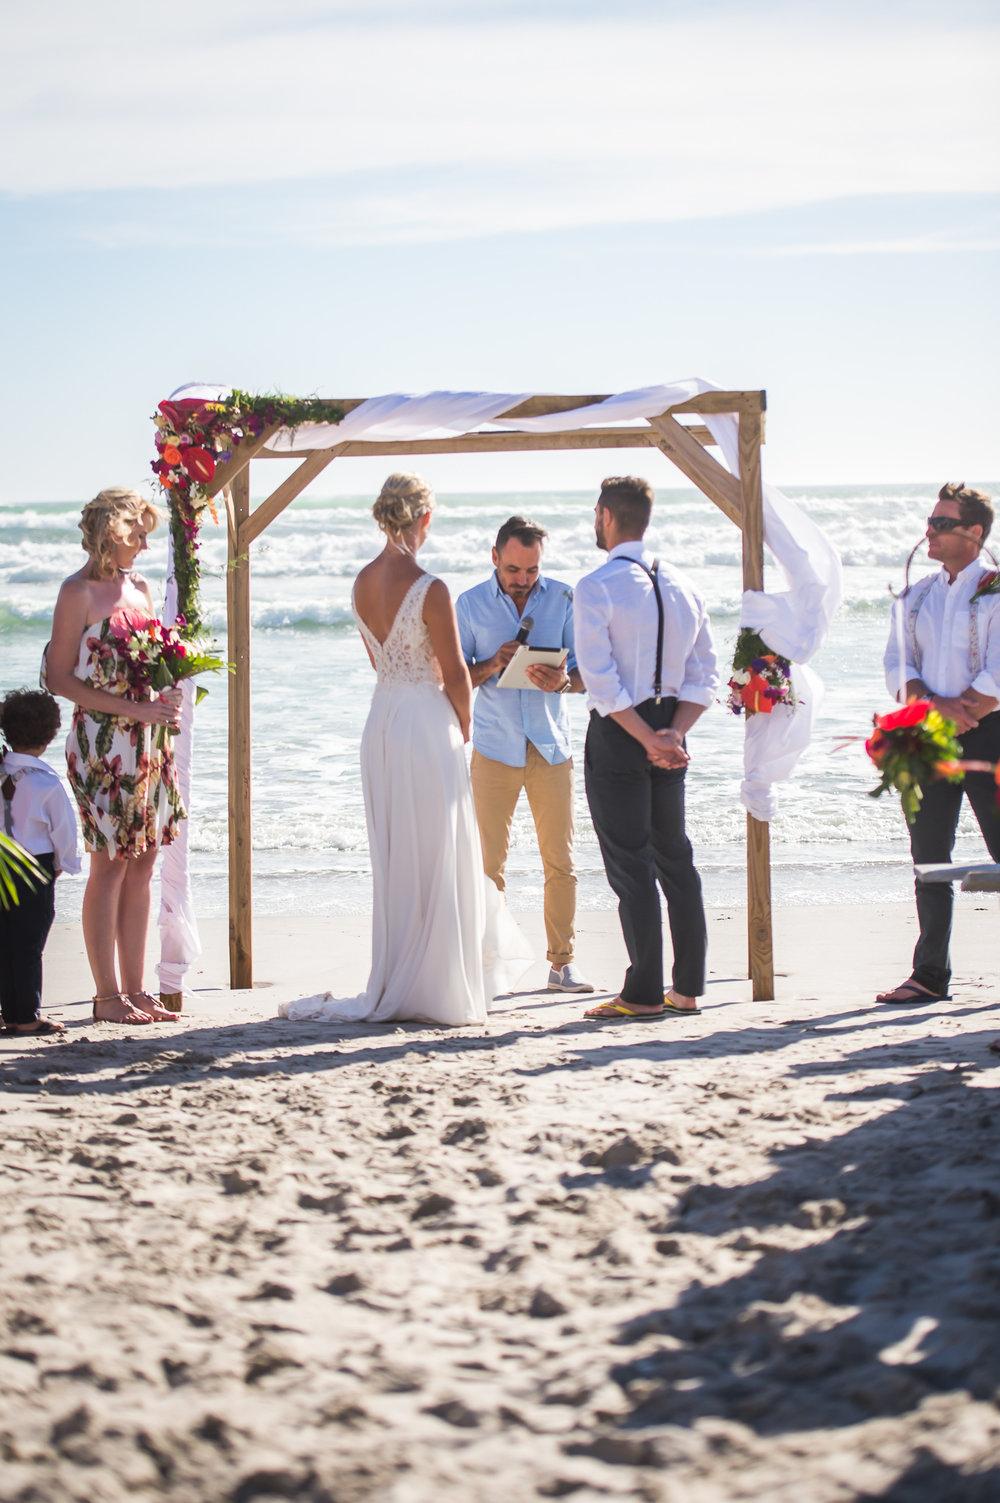 Josh and Debbie Yzerfontein Wedding - Sneak Peak (17 of 36).jpg